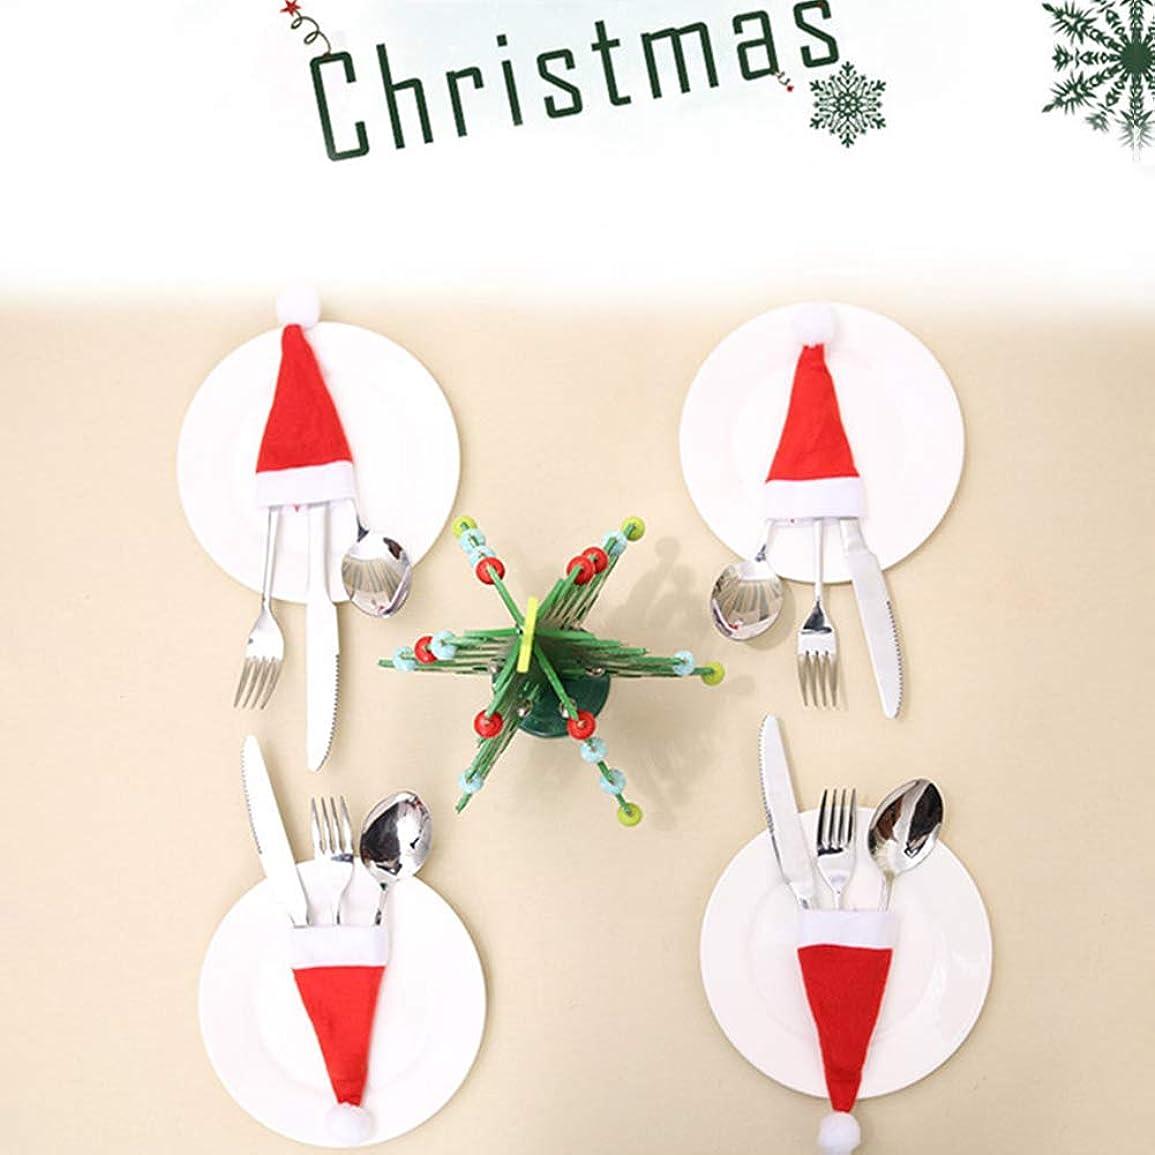 百科事典この刺します10個入ナイフとフォークセット FidgetFidget ミニ赤いサンタクロース帽子クリスマスホリデーパーティーの装飾クリスマスワインボトルカバー食器ナイフフォークセット